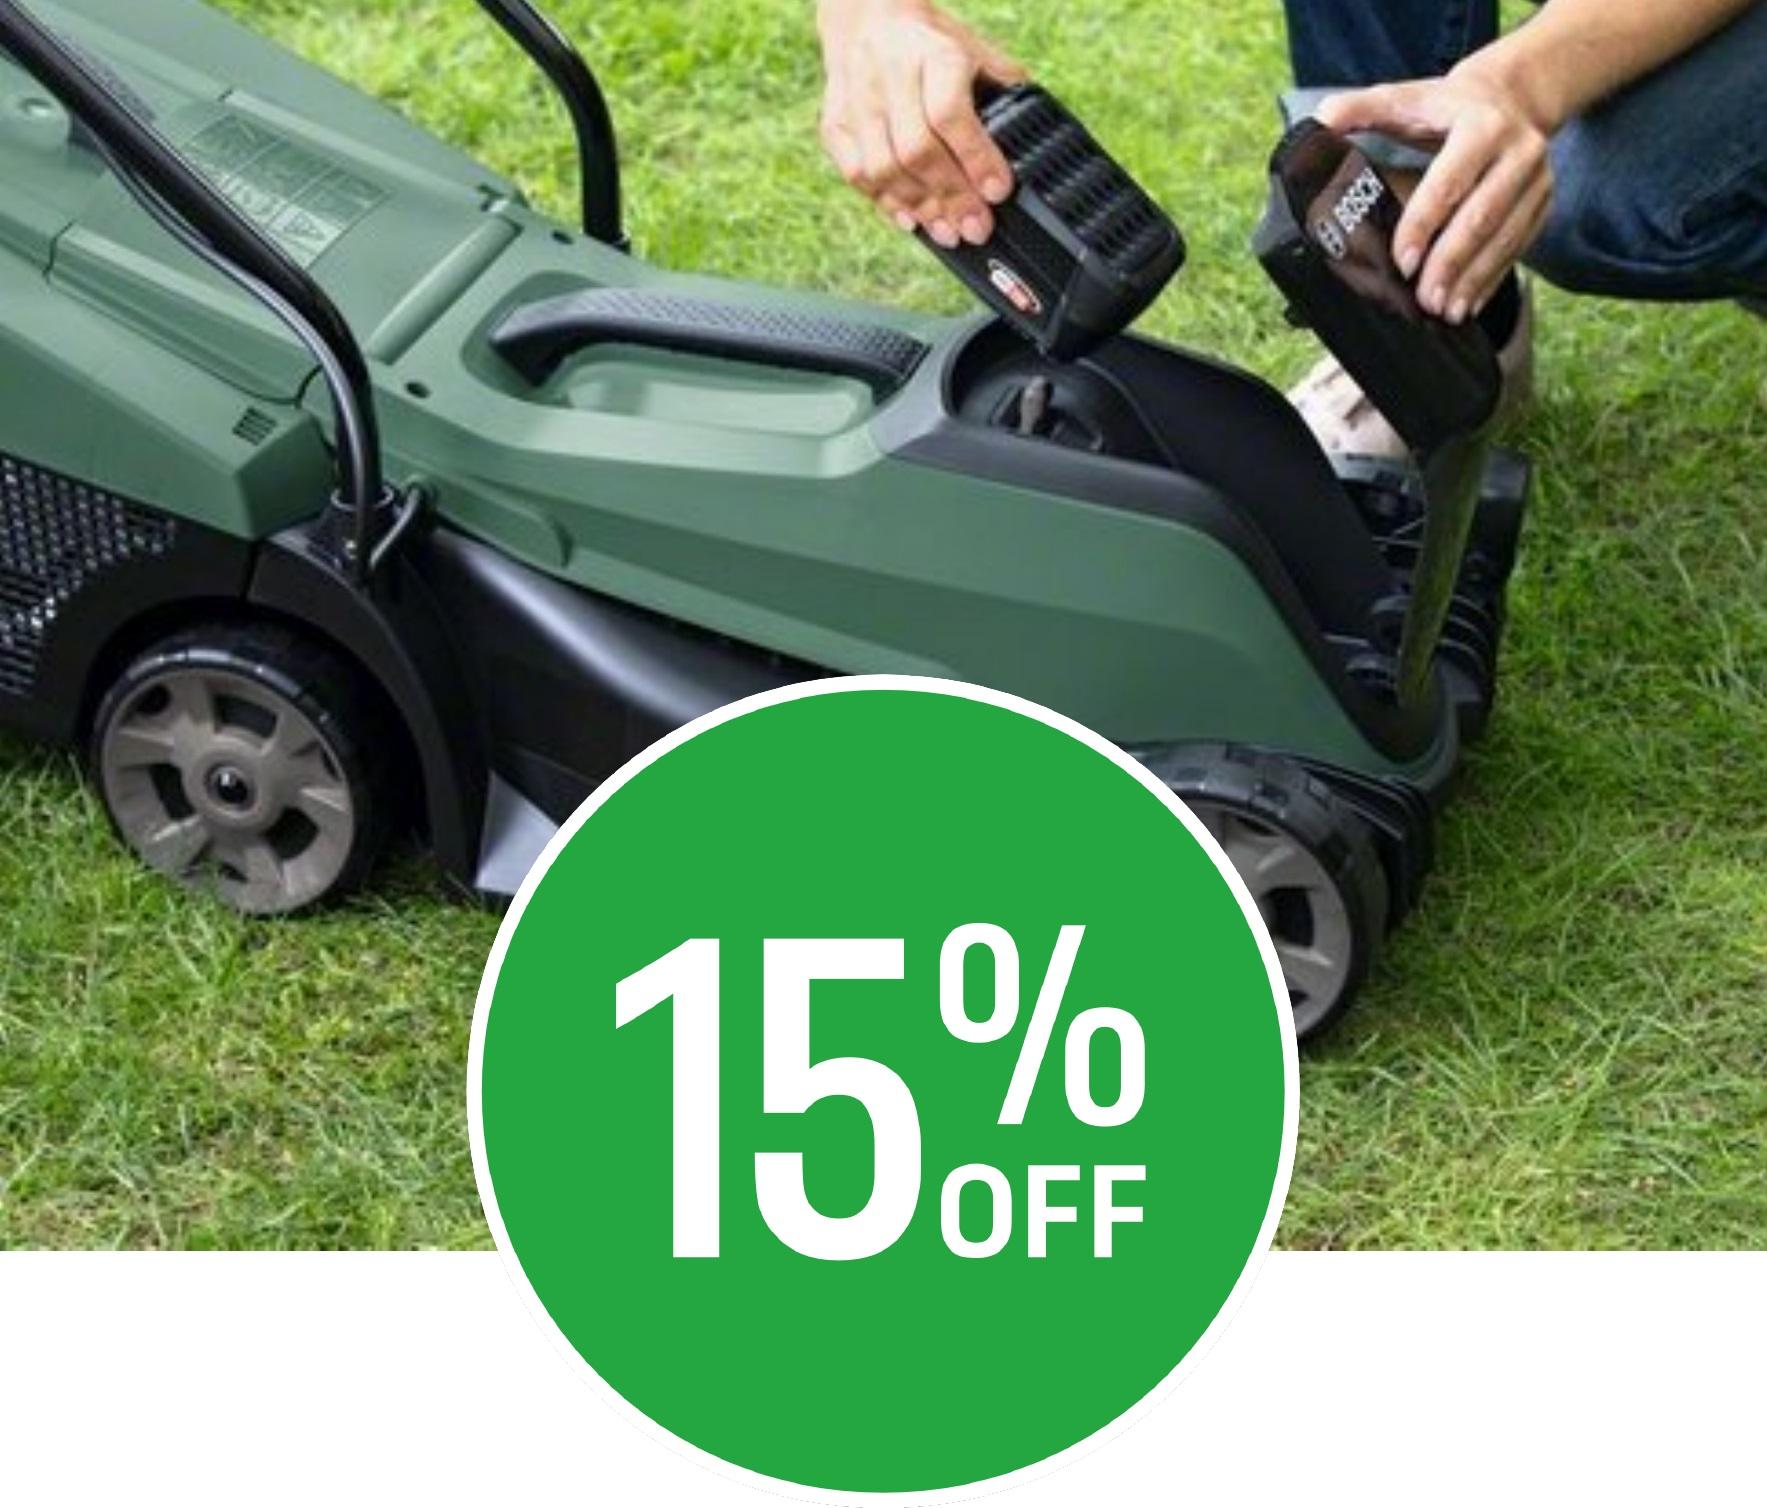 15% off Bosch Garden Power